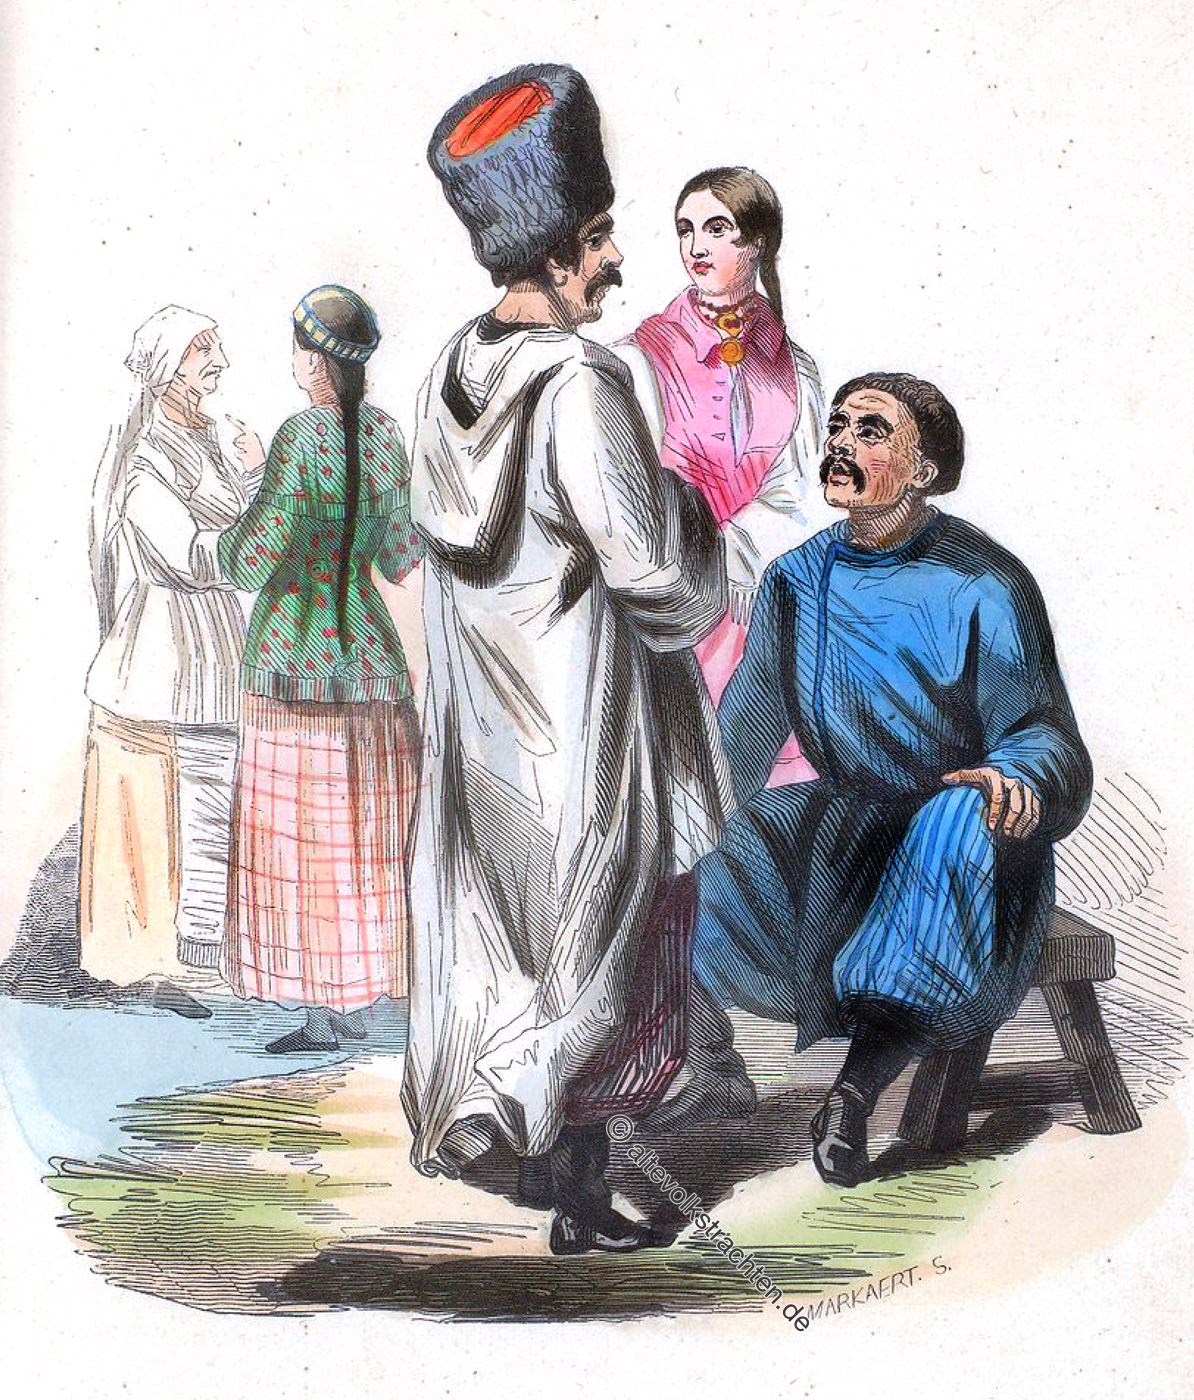 Kostüme, Tracht, Bekleidung, Ukraine, Kleinrussland, Trachten, Auguste Wahlen